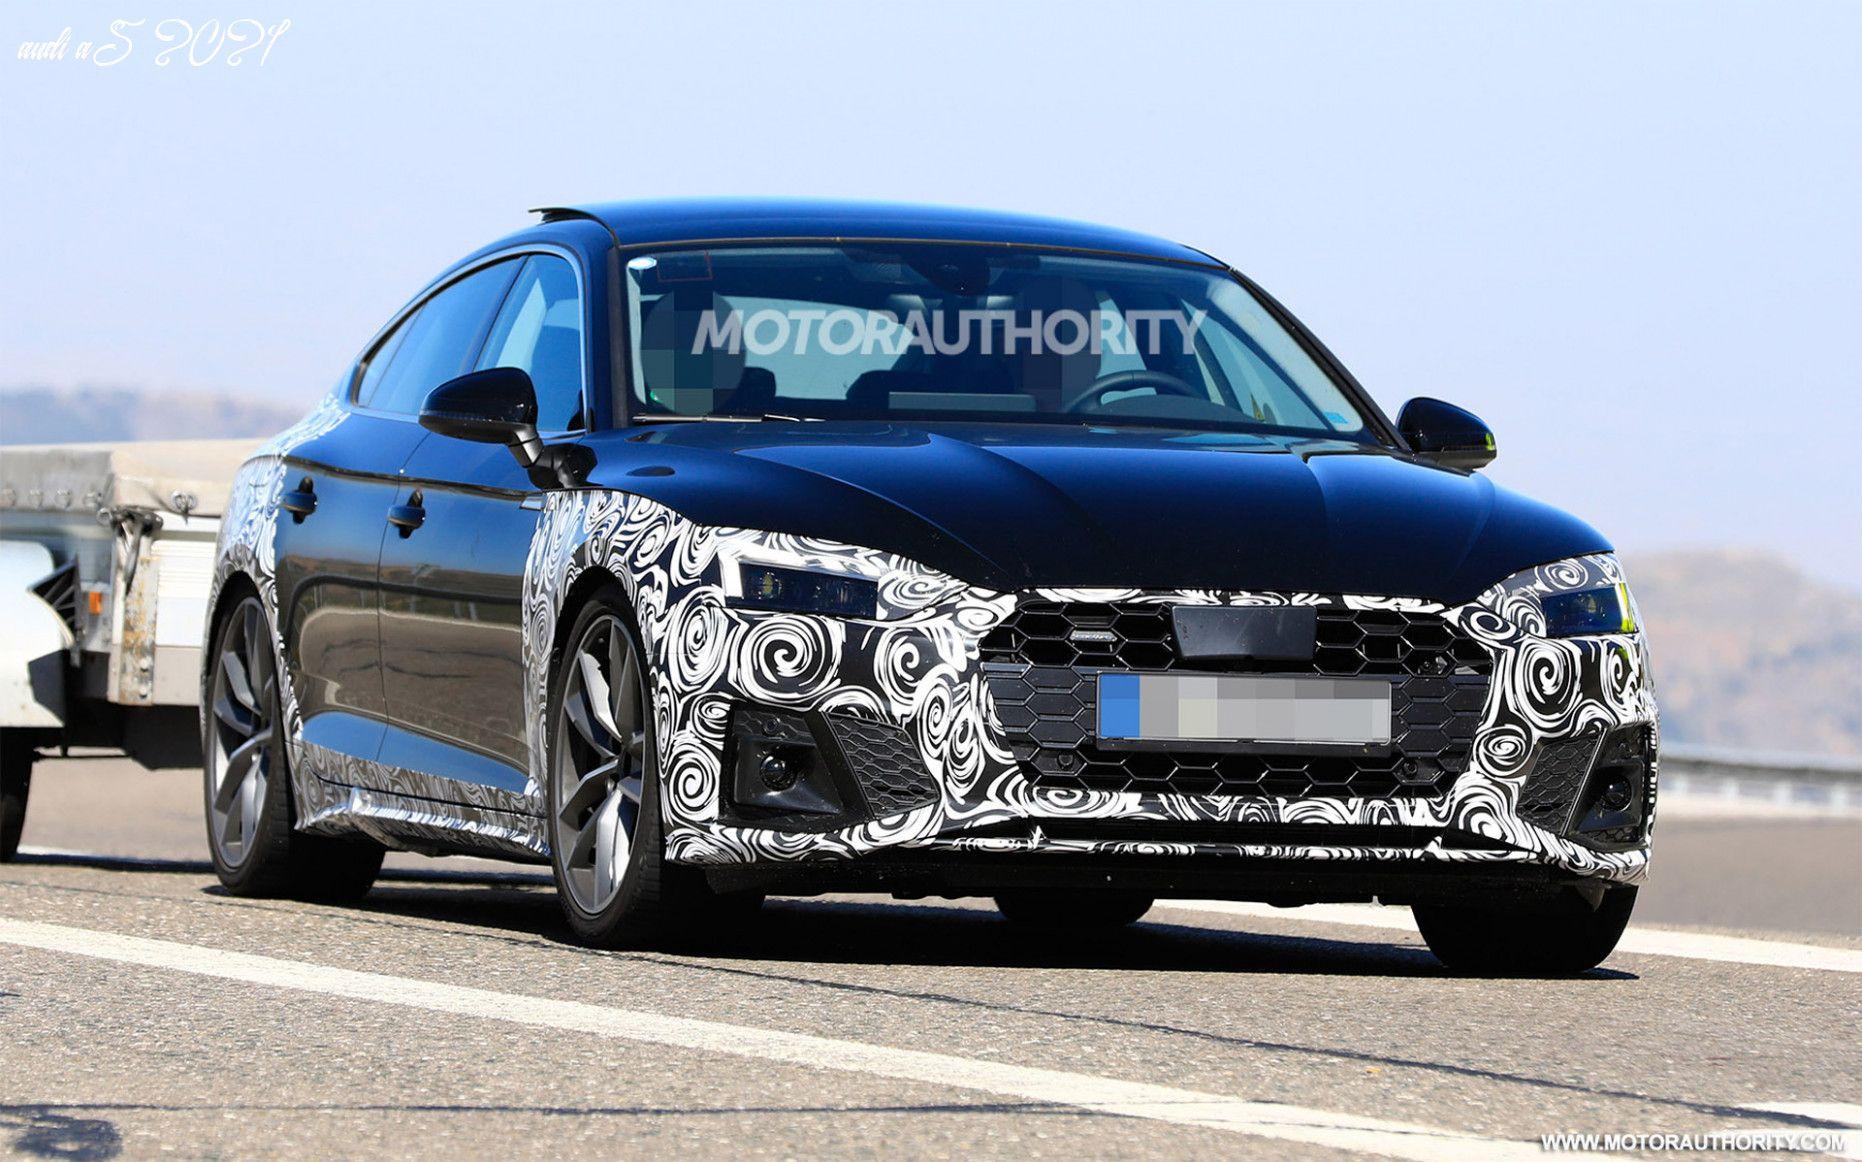 Audi A5 2021 in 2020 Audi a5 coupe, Audi a5 sportback, Audi